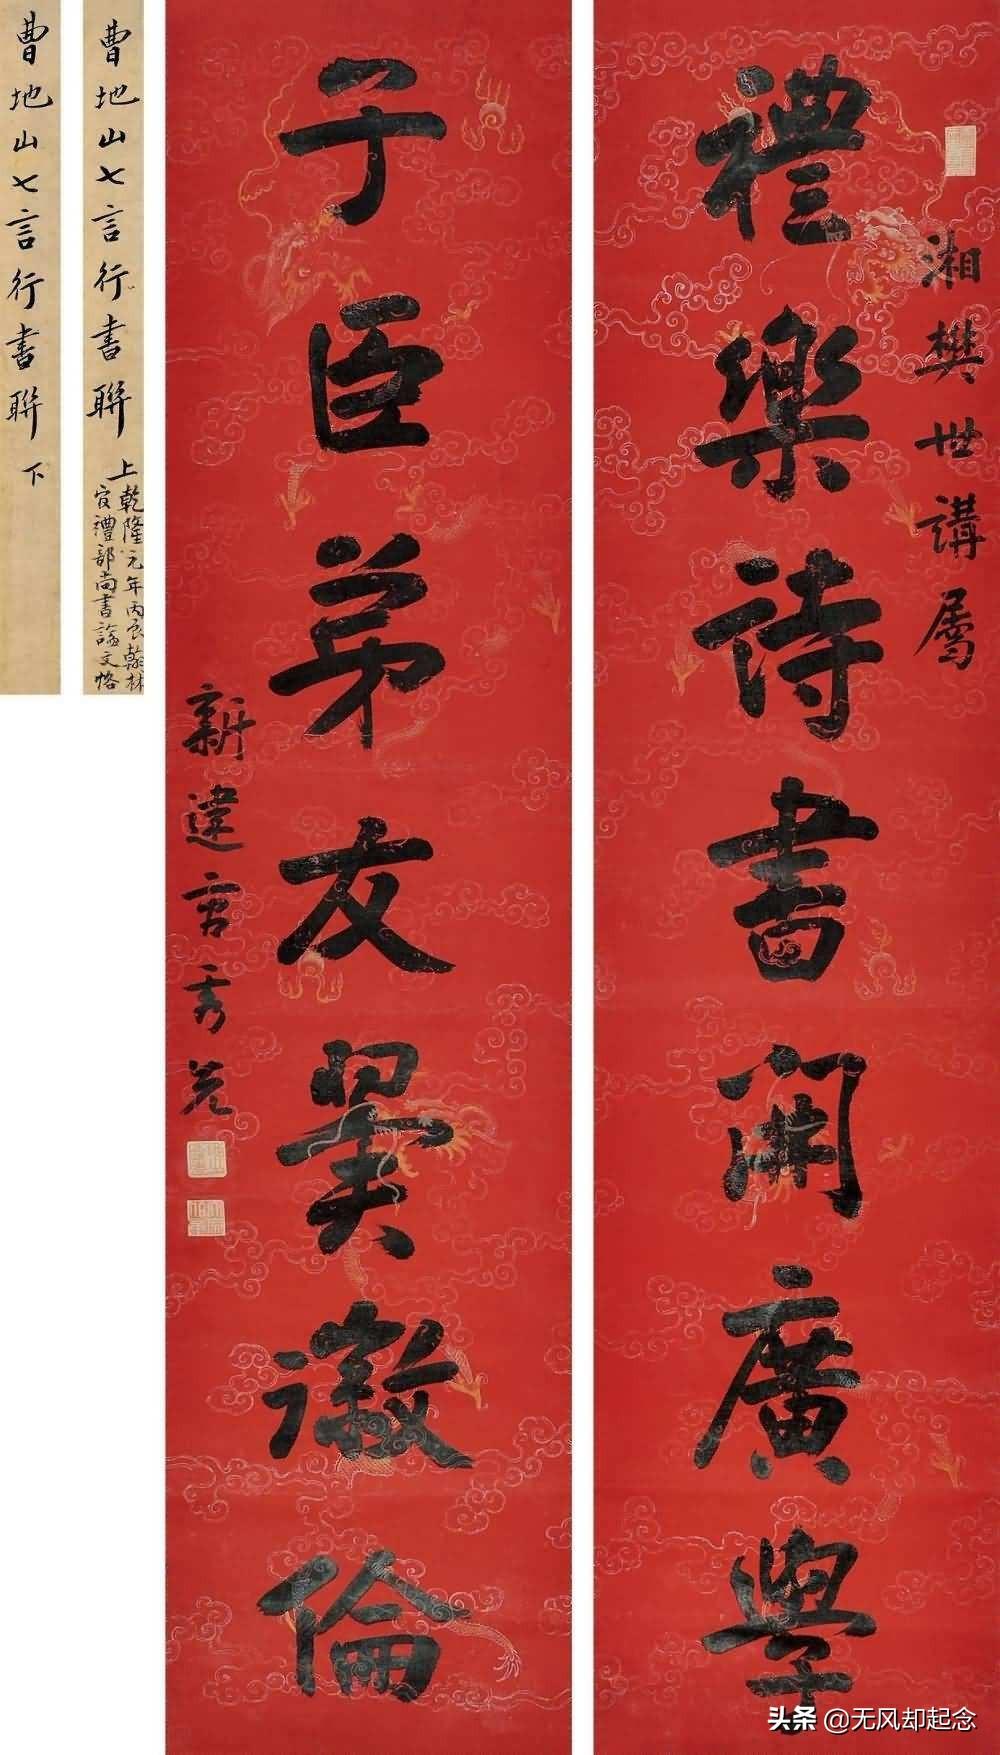 中国古代最早的对联,由一对兄妹合作而成,距今已有1500多年